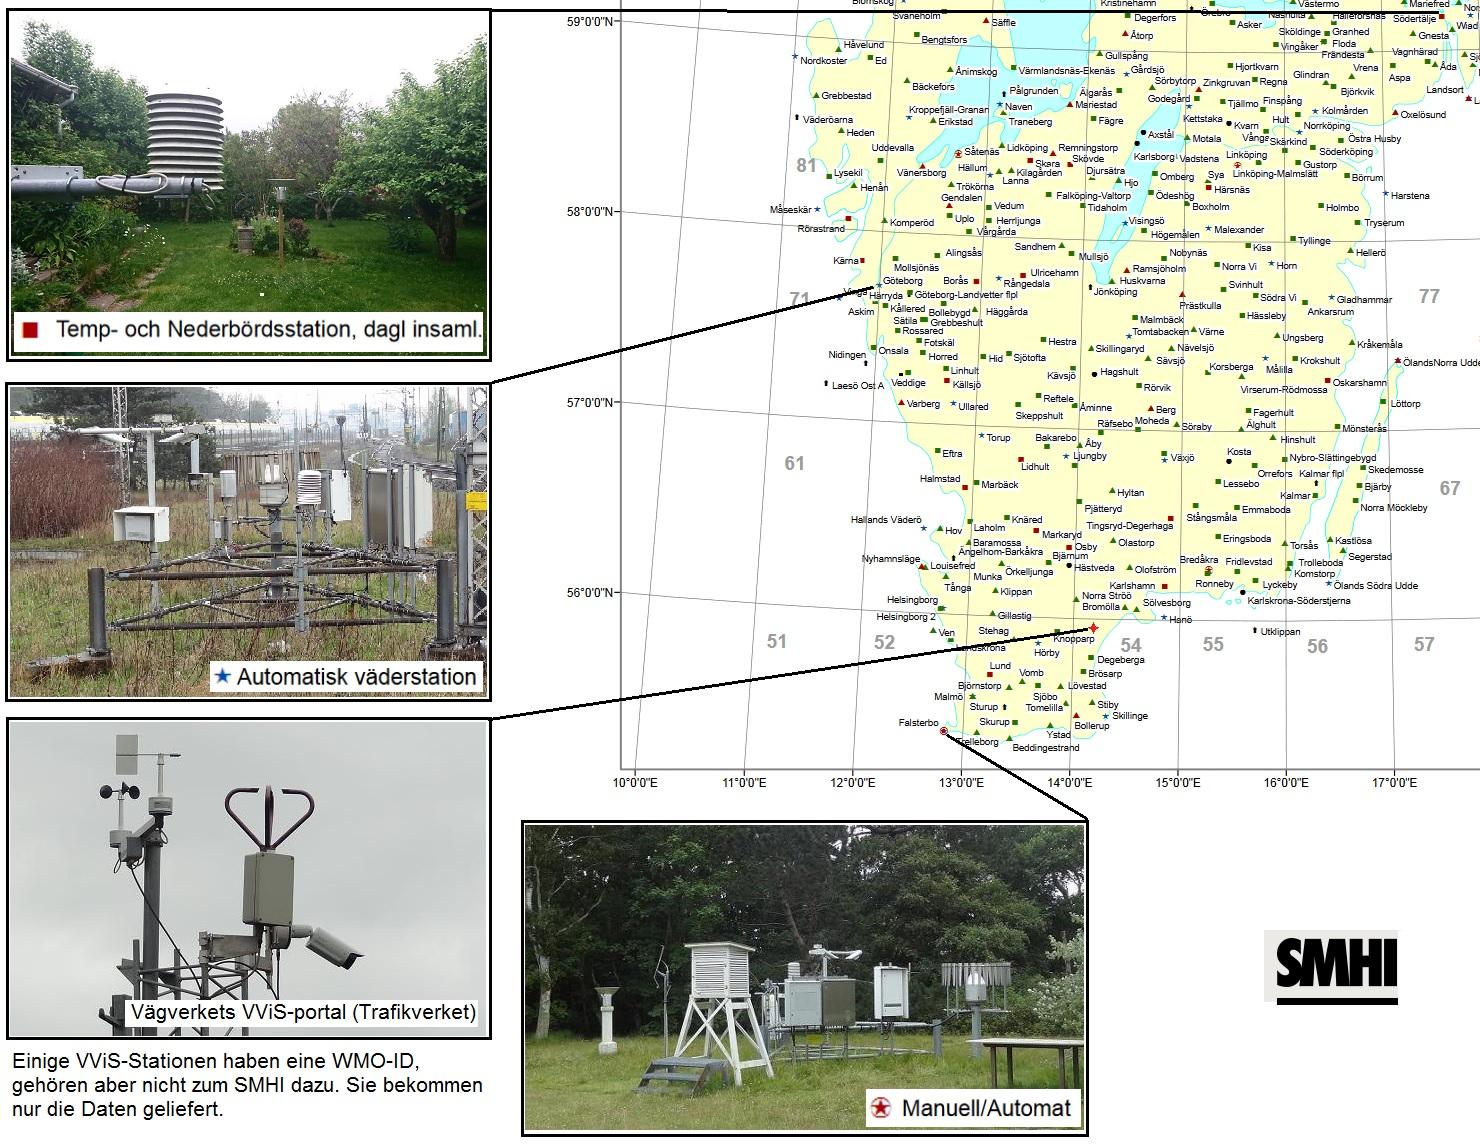 http://www.wetterdiagramme.de/wetterstationen/WMO-SE/SMHI_Stationen.jpg